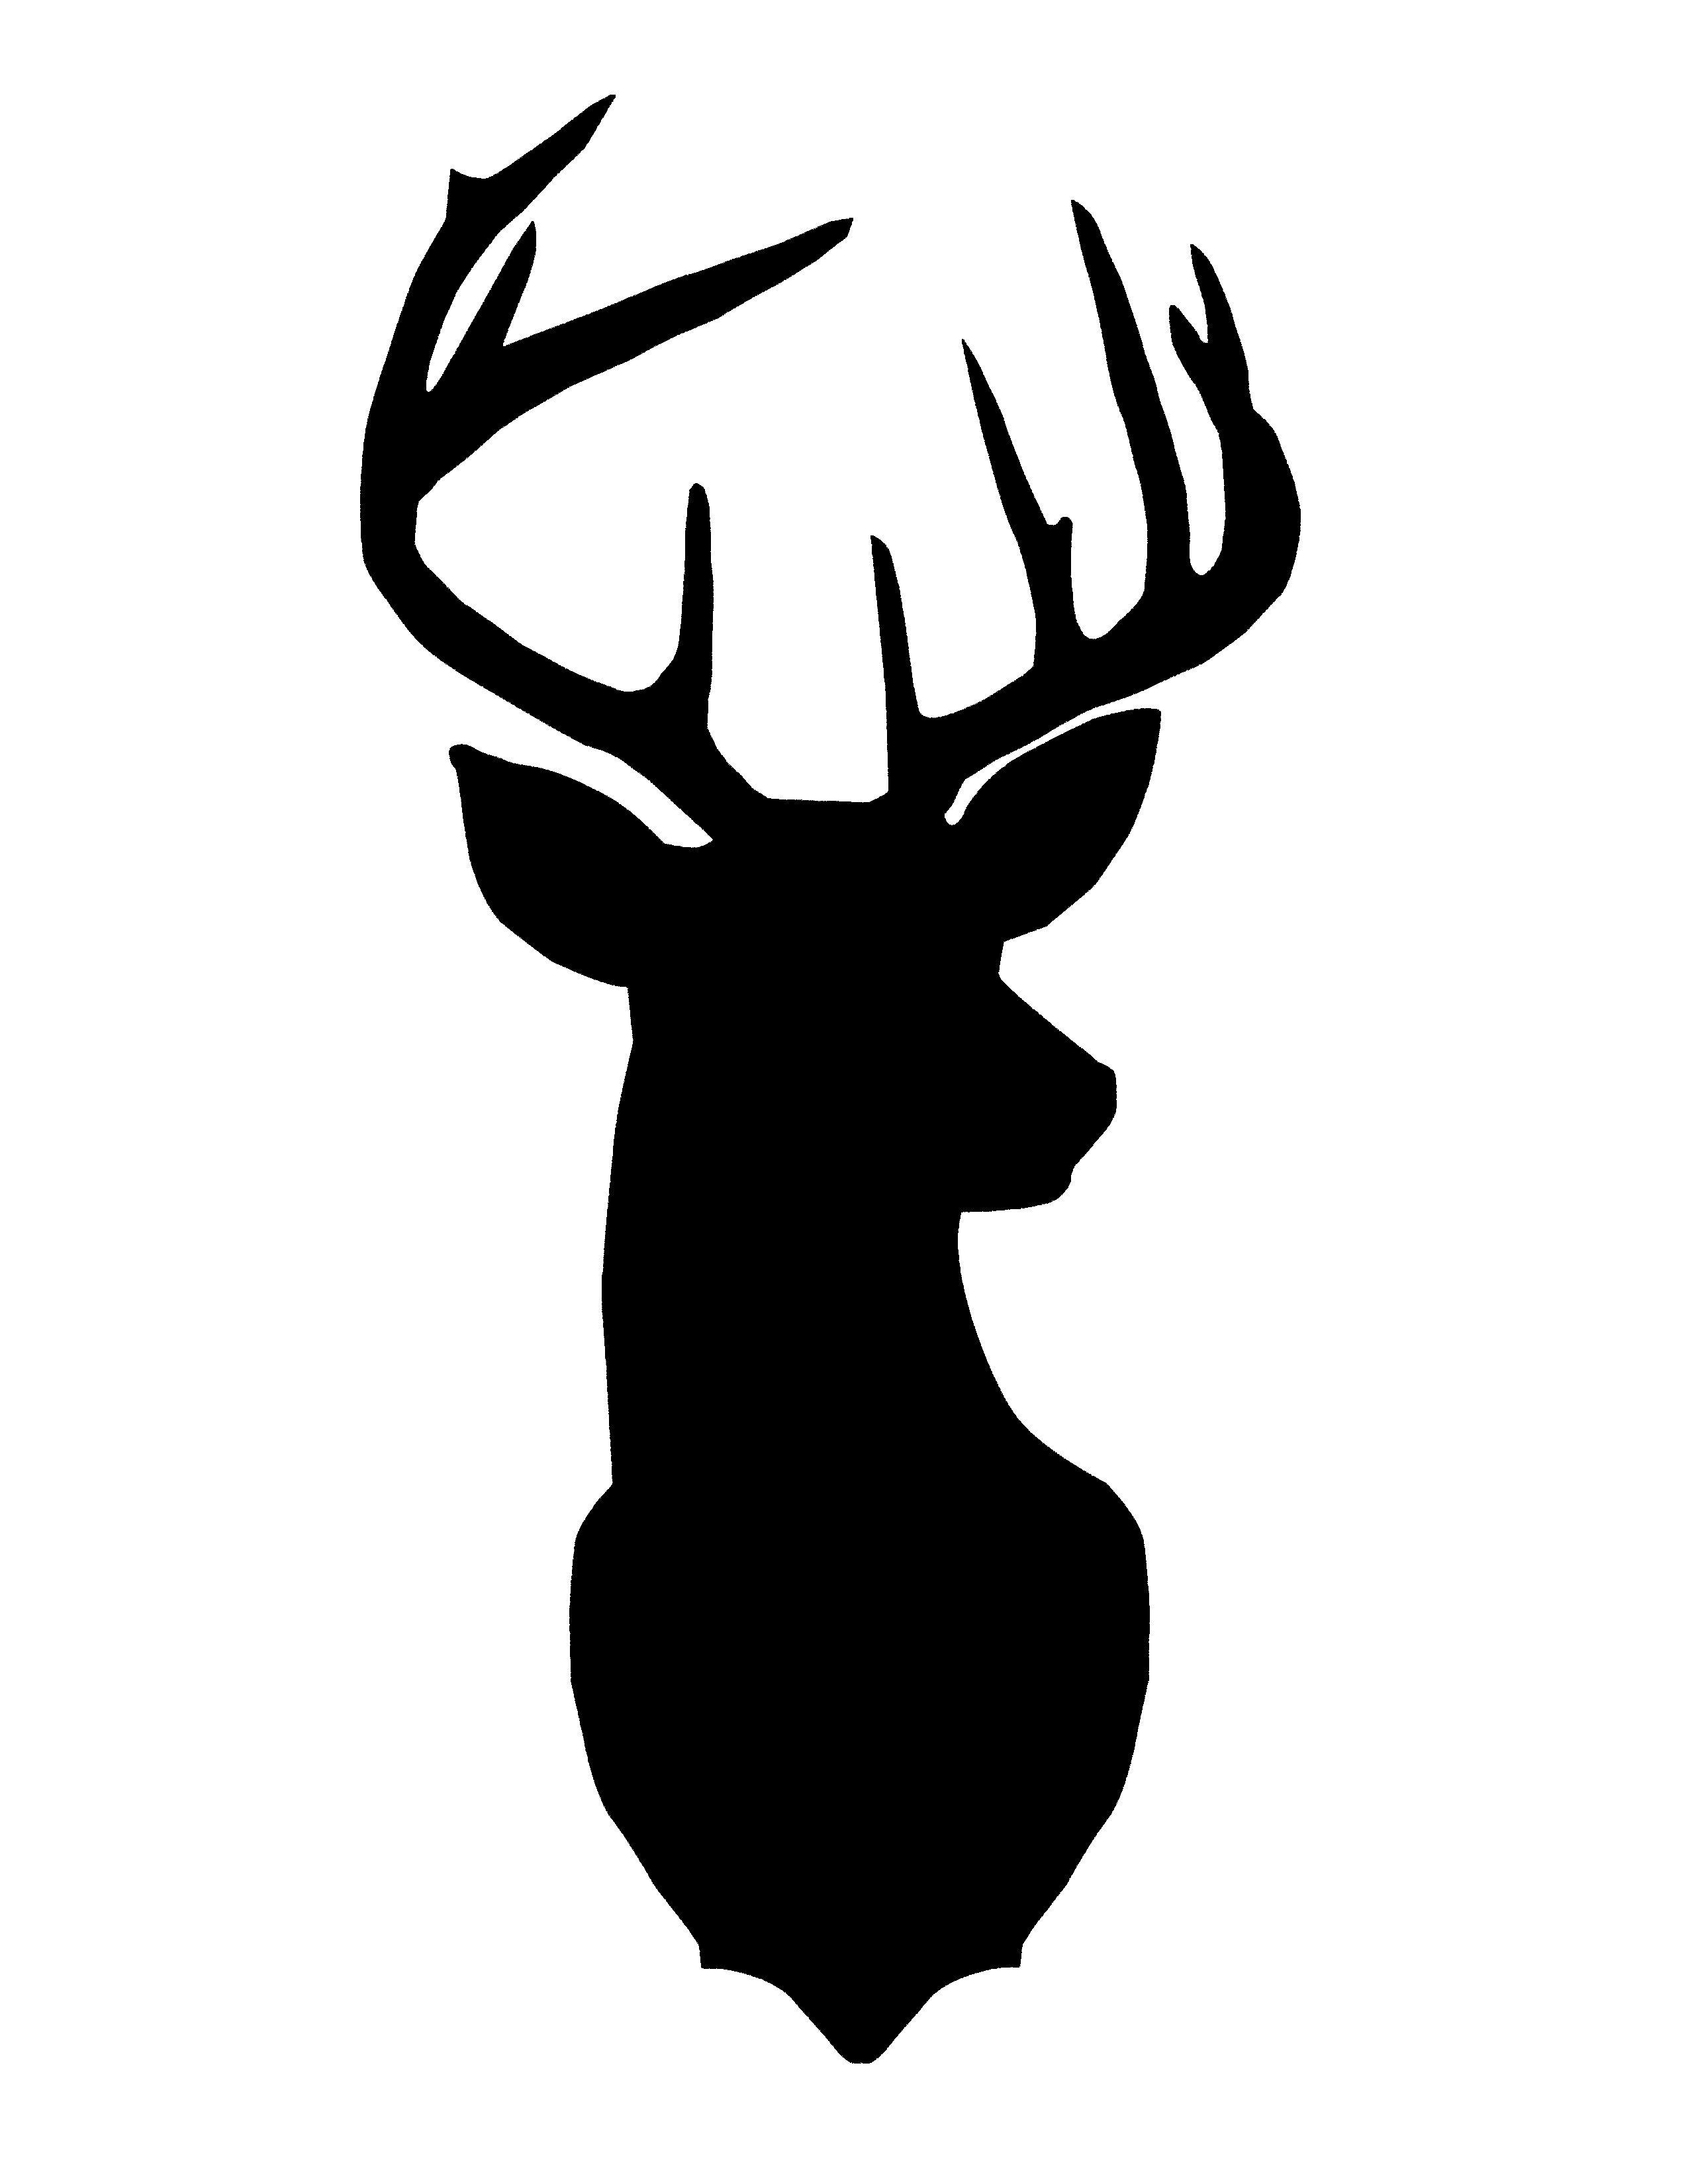 Deer silhouette art head. Antlers clipart profile